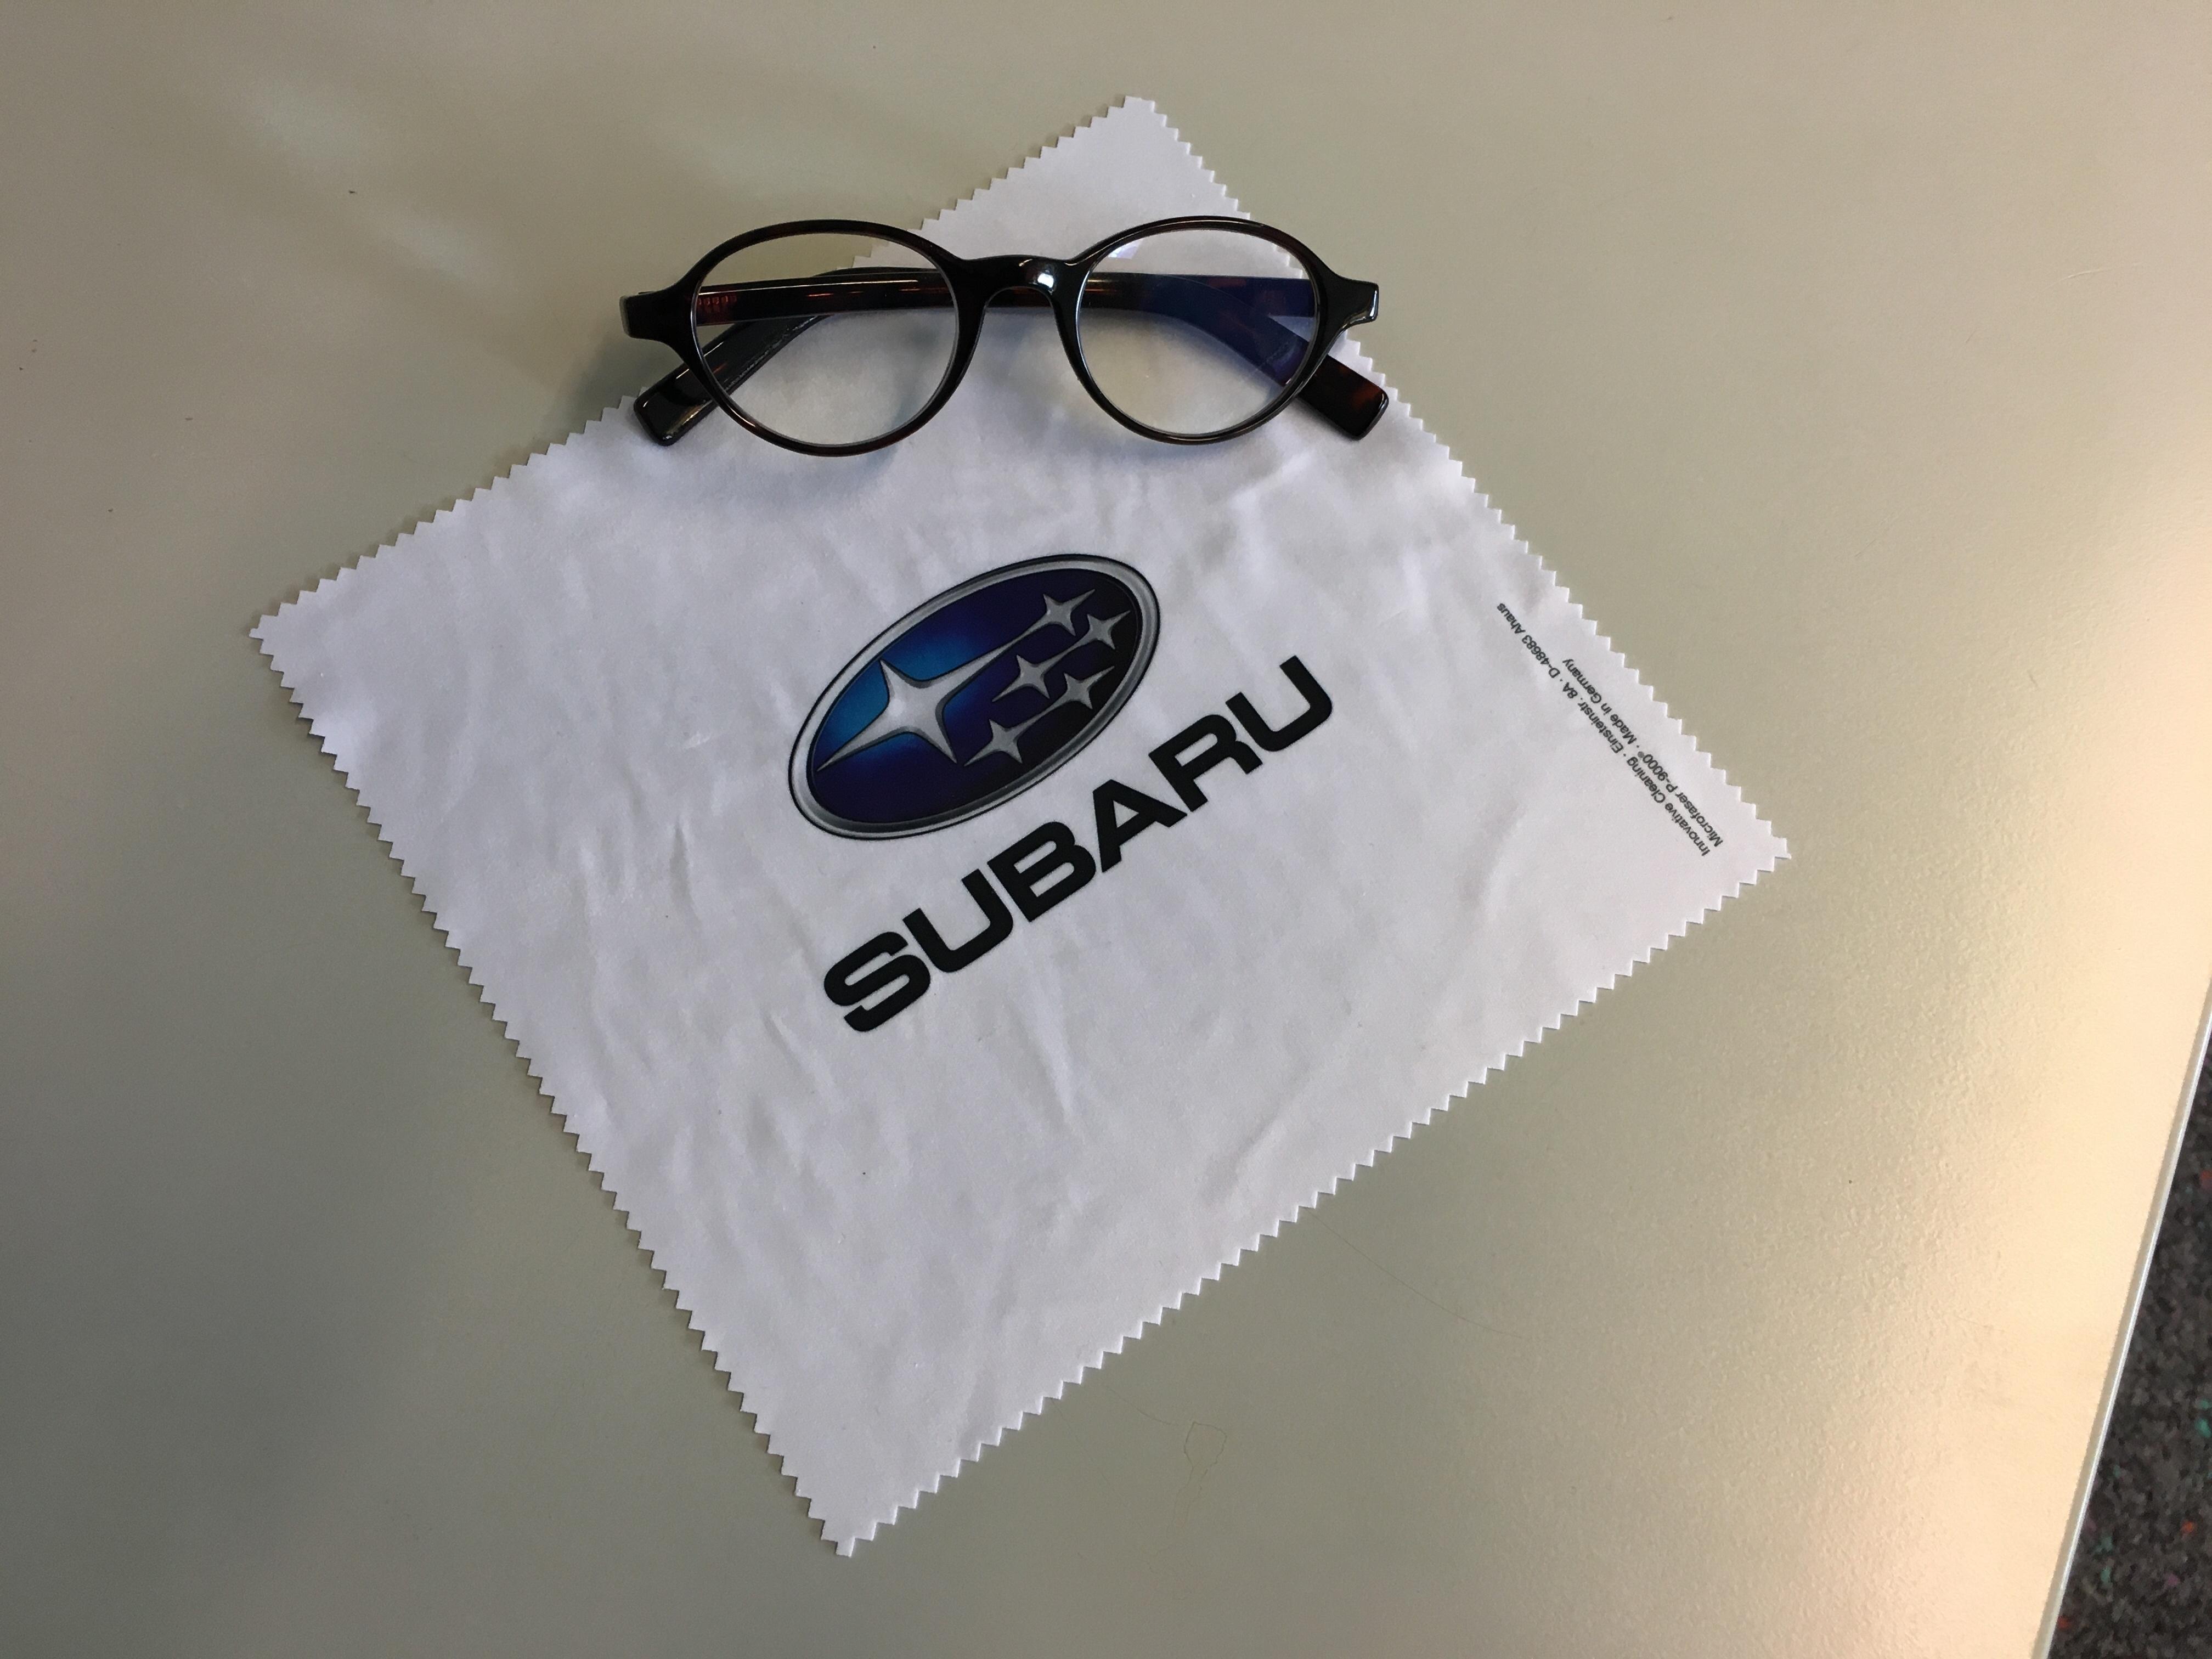 Boutique Exklusive Und Stilvolle Produkte Von Subaru Subaru Deutschland Gmbh